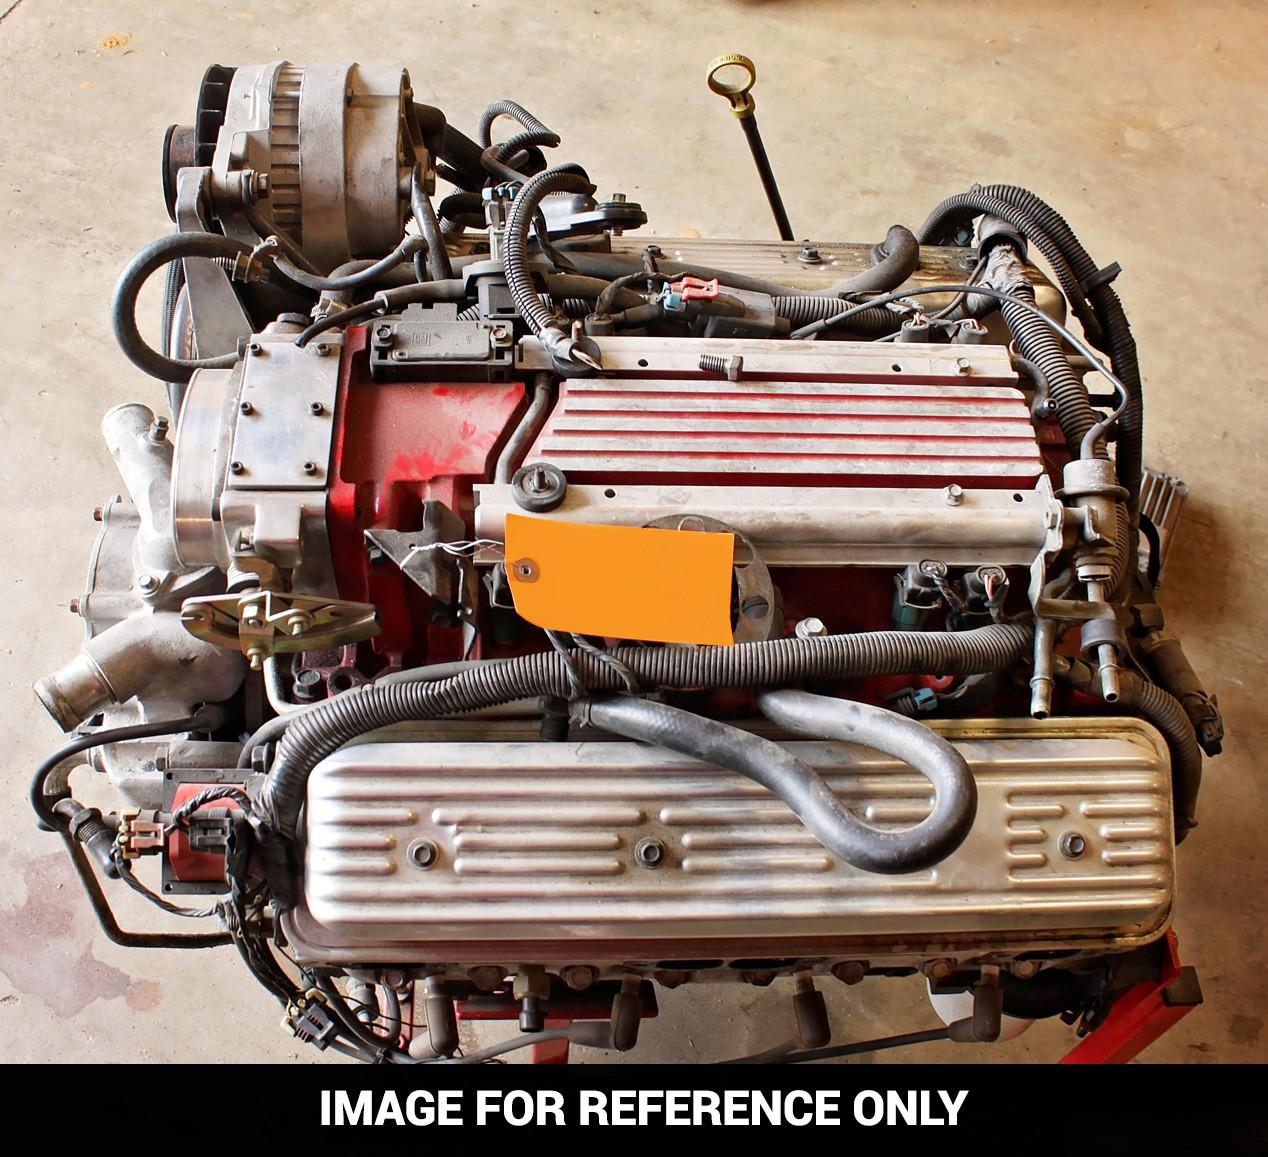 1997 Camaro Engine Diagram Wiring Library 96 98 Obd2a Vtec Pontiac Firebird Lt1 Trusted U2022 Trans Am Ws6 Wheels 1996